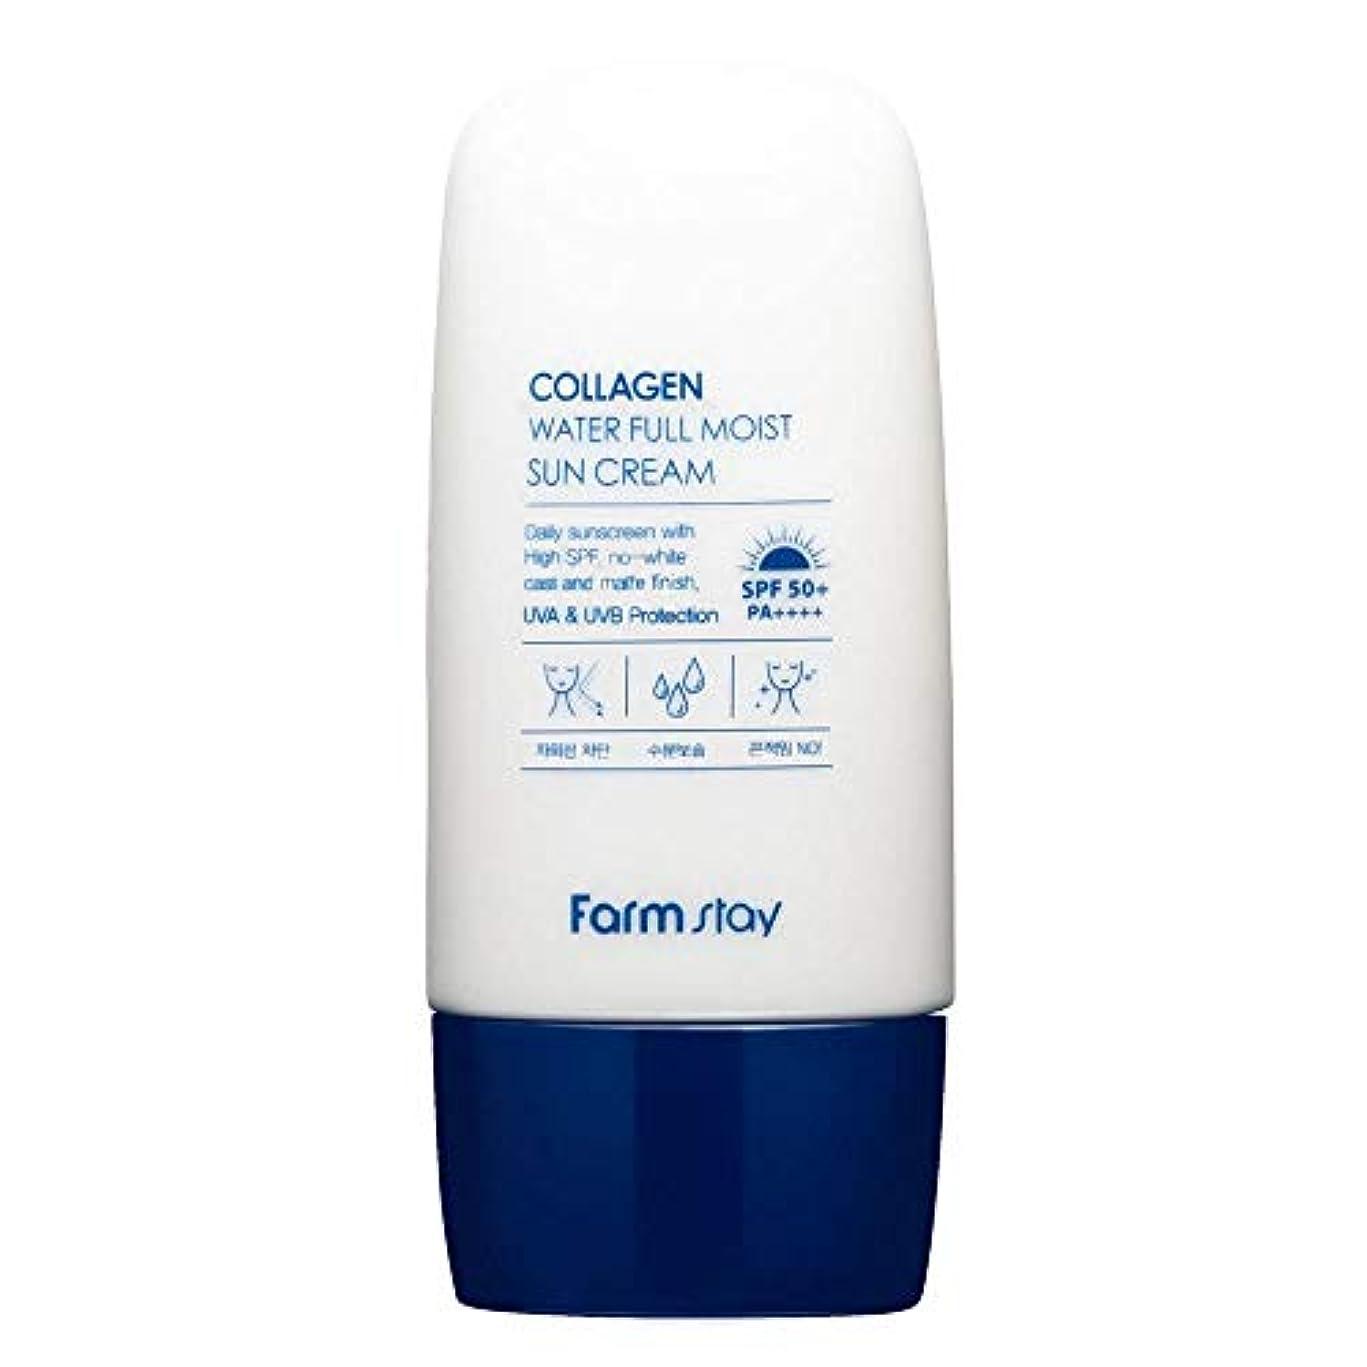 ファームステイ[Farm Stay] コラーゲンウォーターフルモイストサンクリーム45g / Collagen Water Full Moist Sun Cream